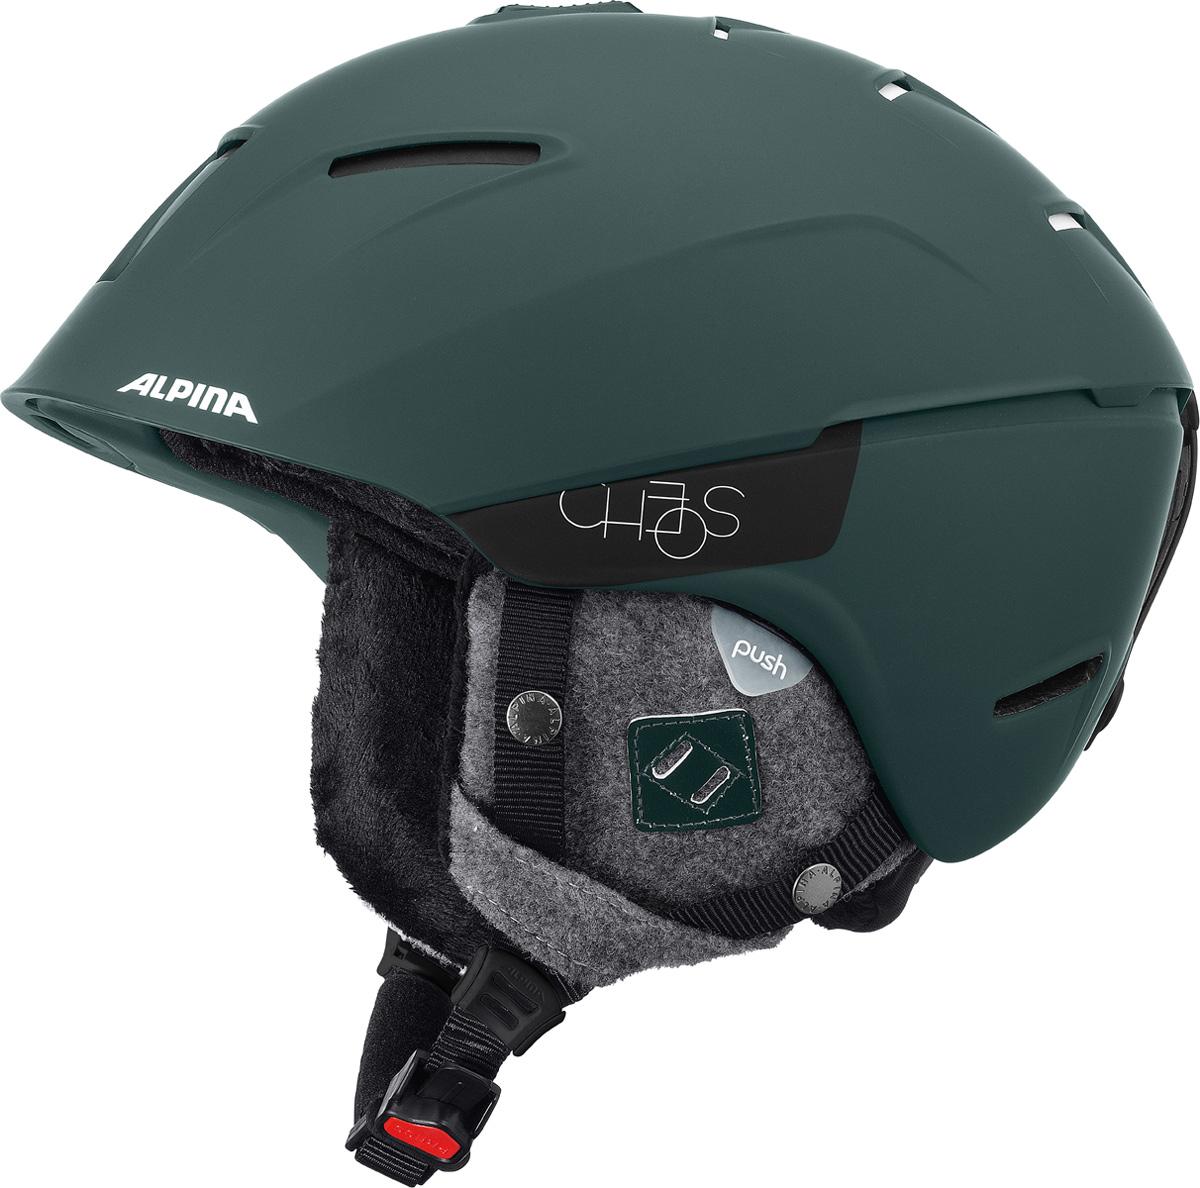 Шлем горнолыжный Alpina CHEOS pine-green matt. Размер 52-56A9058_73Модель сочетает передовые технологии, уникальные характеристики, бескомпромиссную безопасность и исключительный дизайн. Размеры: 52-61 см. Технологии:Hybrid - Нижняя часть шлема состоит из легкого Inmold, что обеспечивает хорошую амортизацию. Верхняя часть - супер-прочный Hardshell.EDGE PROTECT – усиленная нижняя часть шлема, выполненная по технологии Inmold. Дополнительная защита при боковых ударах. RUN SYSTEM – простая система настройки шлема, позволяющая добиться надежной фиксации.AIRSTREAM CONTROL – регулируемые воздушные клапана для полного контроля внутренней вентиляции. REMOVABLE EARPADS - съемные амбушюры добавляют чувства свободы во время катания в теплую погоду, не в ущерб безопасности. При падении температуры, амбушюры легко устанавливаются обратно на шлем.CHANGEABLE INTERIOR – съемная внутренняя часть. Допускается стирка в теплой мыльной воде.NECKWARMER – дополнительное утепление шеи. Изготовлено из мягкого флиса.3D FIT – ремень, позволяющий регулироваться затылочную часть шлема. Пять позиций позволят настроить идеальную посадку.